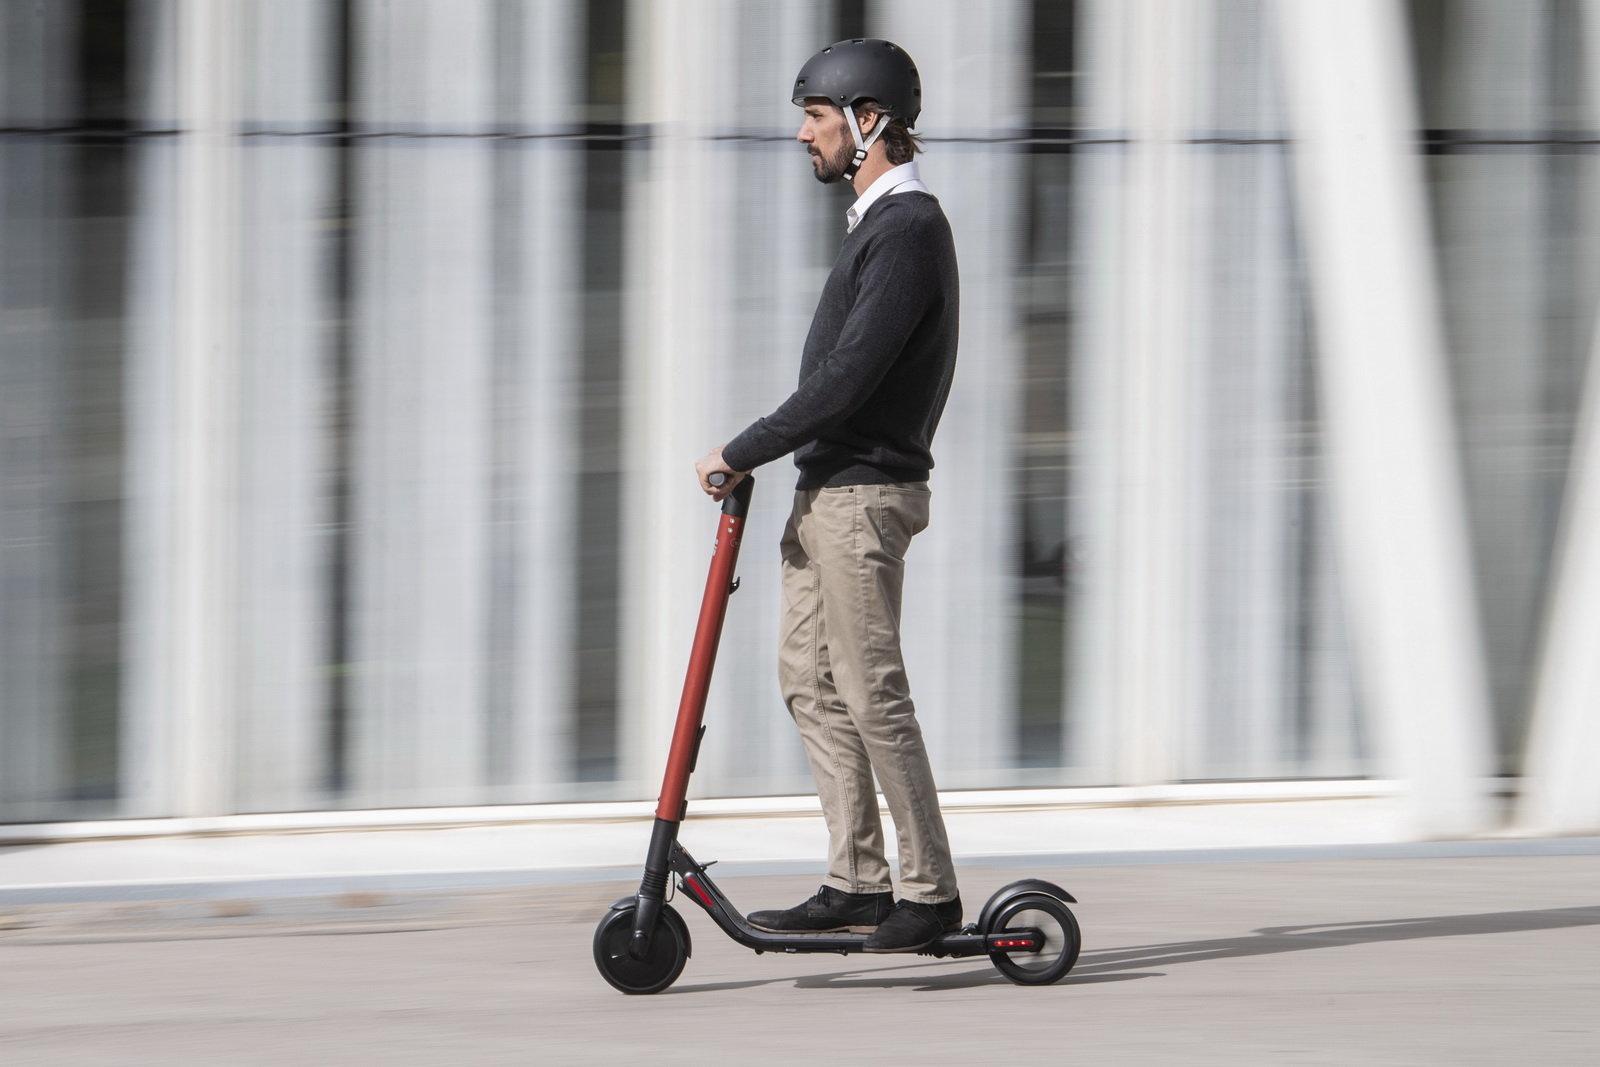 La Seat raccoglie la sfida sulla mobilita' sostenibile